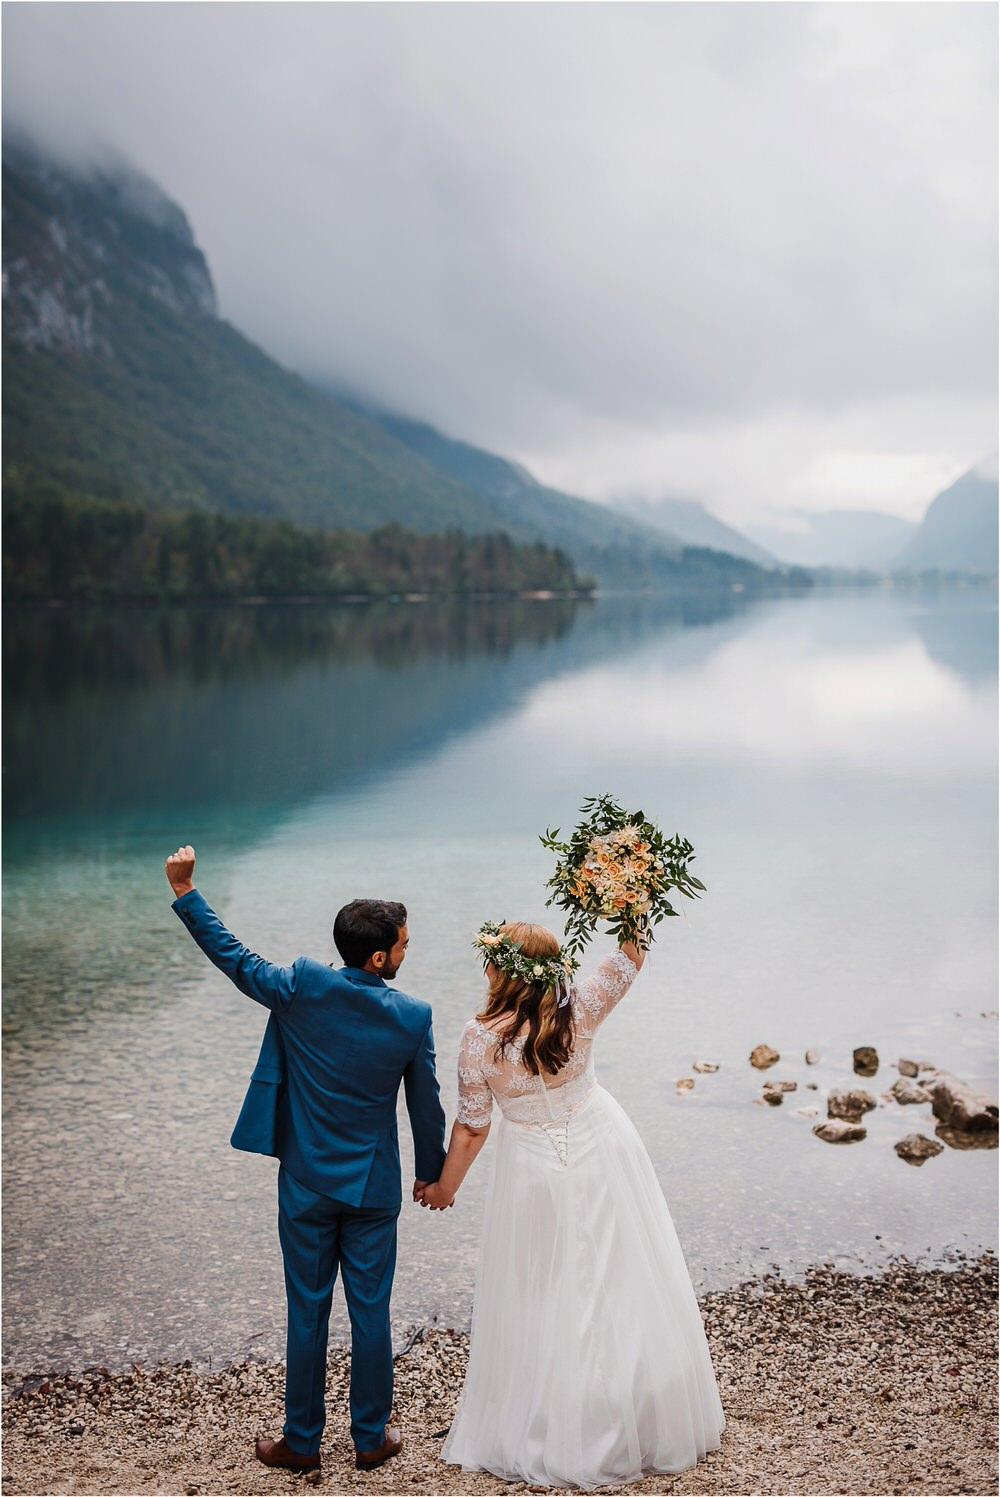 bohinj lake wedding boho chic rustic poroka bohinjsko jezero rustikalna fotograf fotografiranje poročni 0076.jpg